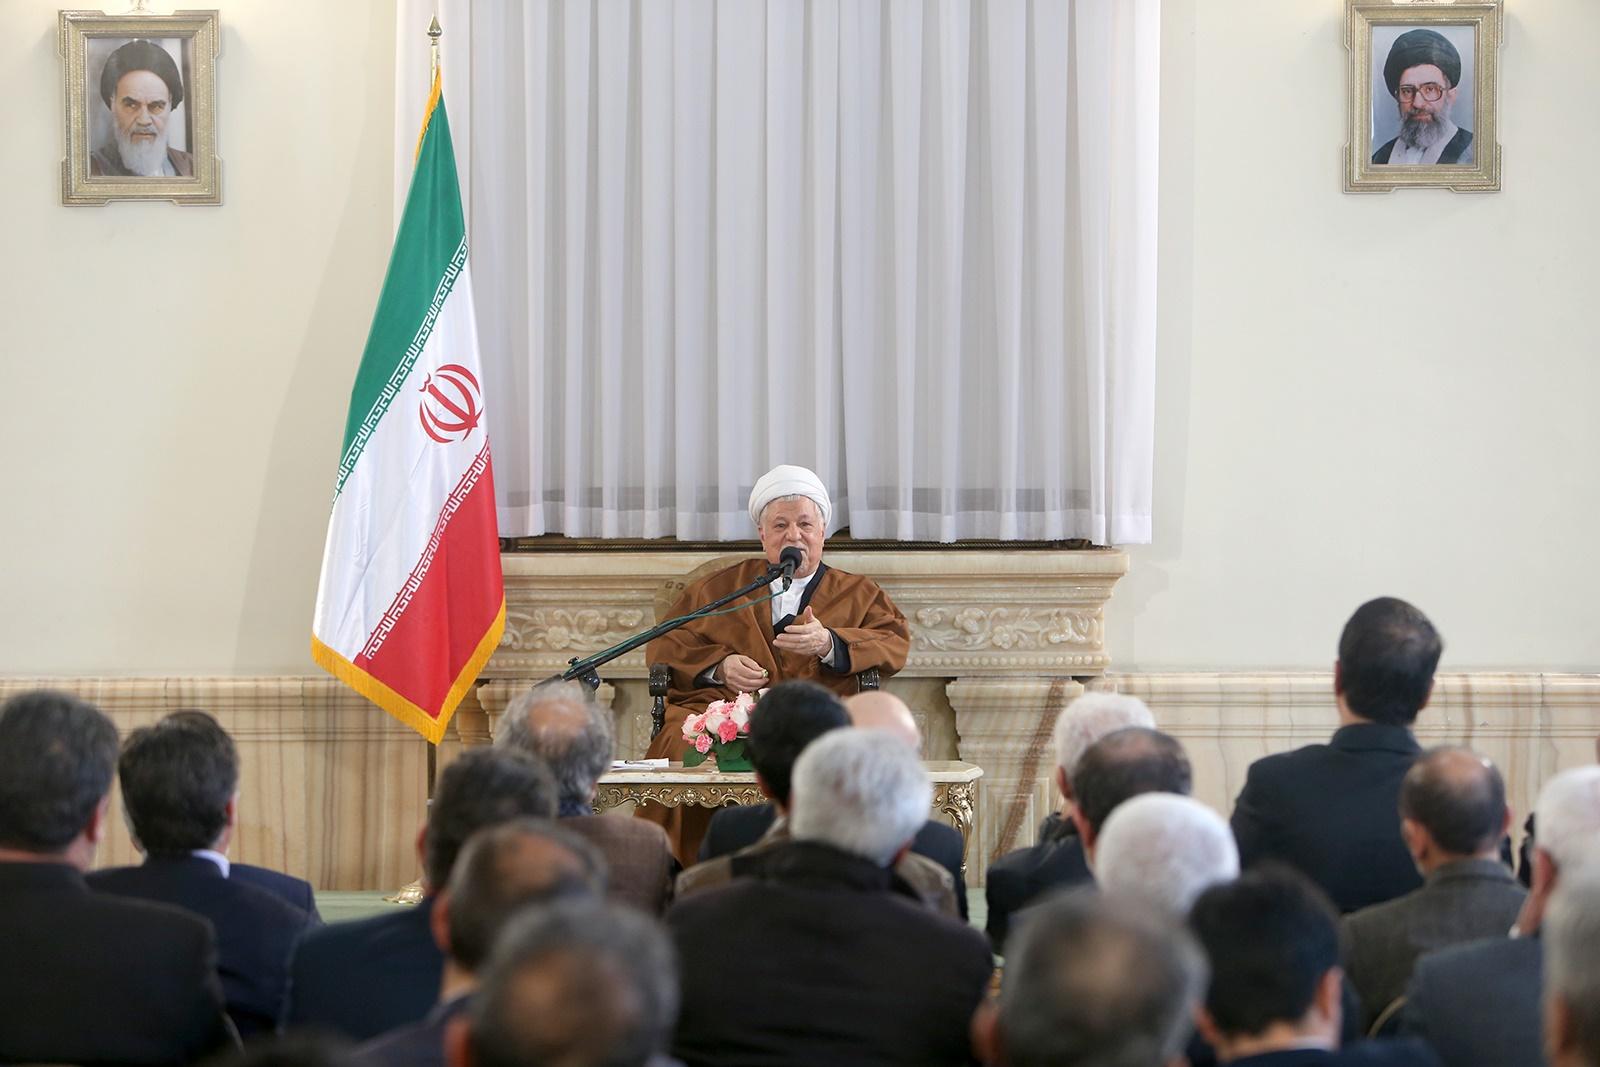 هاشمی رفسنجانی: بررسی صلاحیت نامزدها نباید برای بعضی غیرقابل عبور و برای بعضی آسان باشد